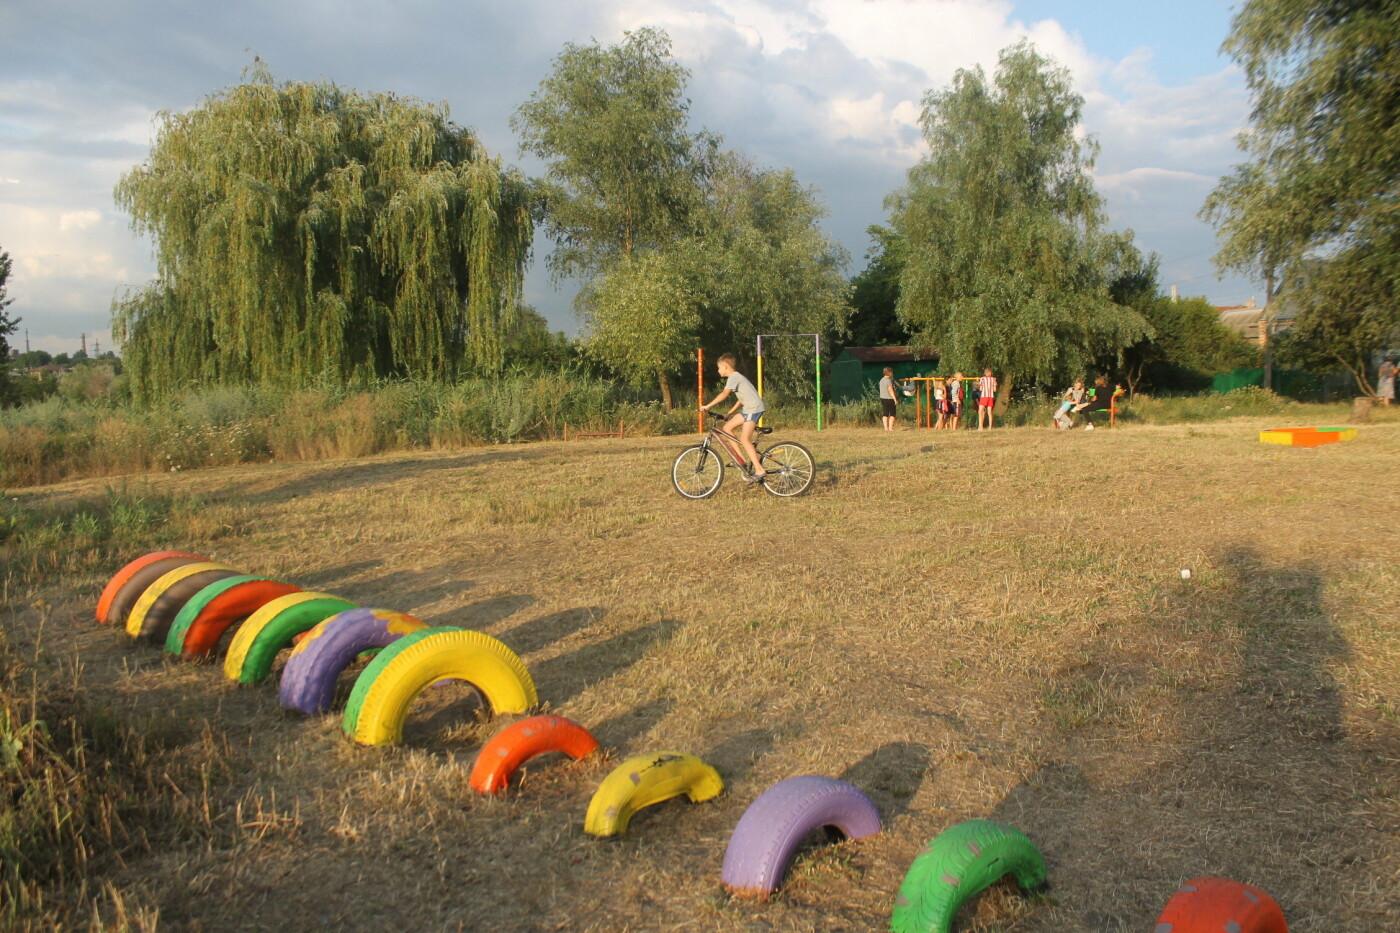 Новое освещение и детская площадка: Игорь Чумаченко продолжает реализовывать программу развития частного сектора, фото-13